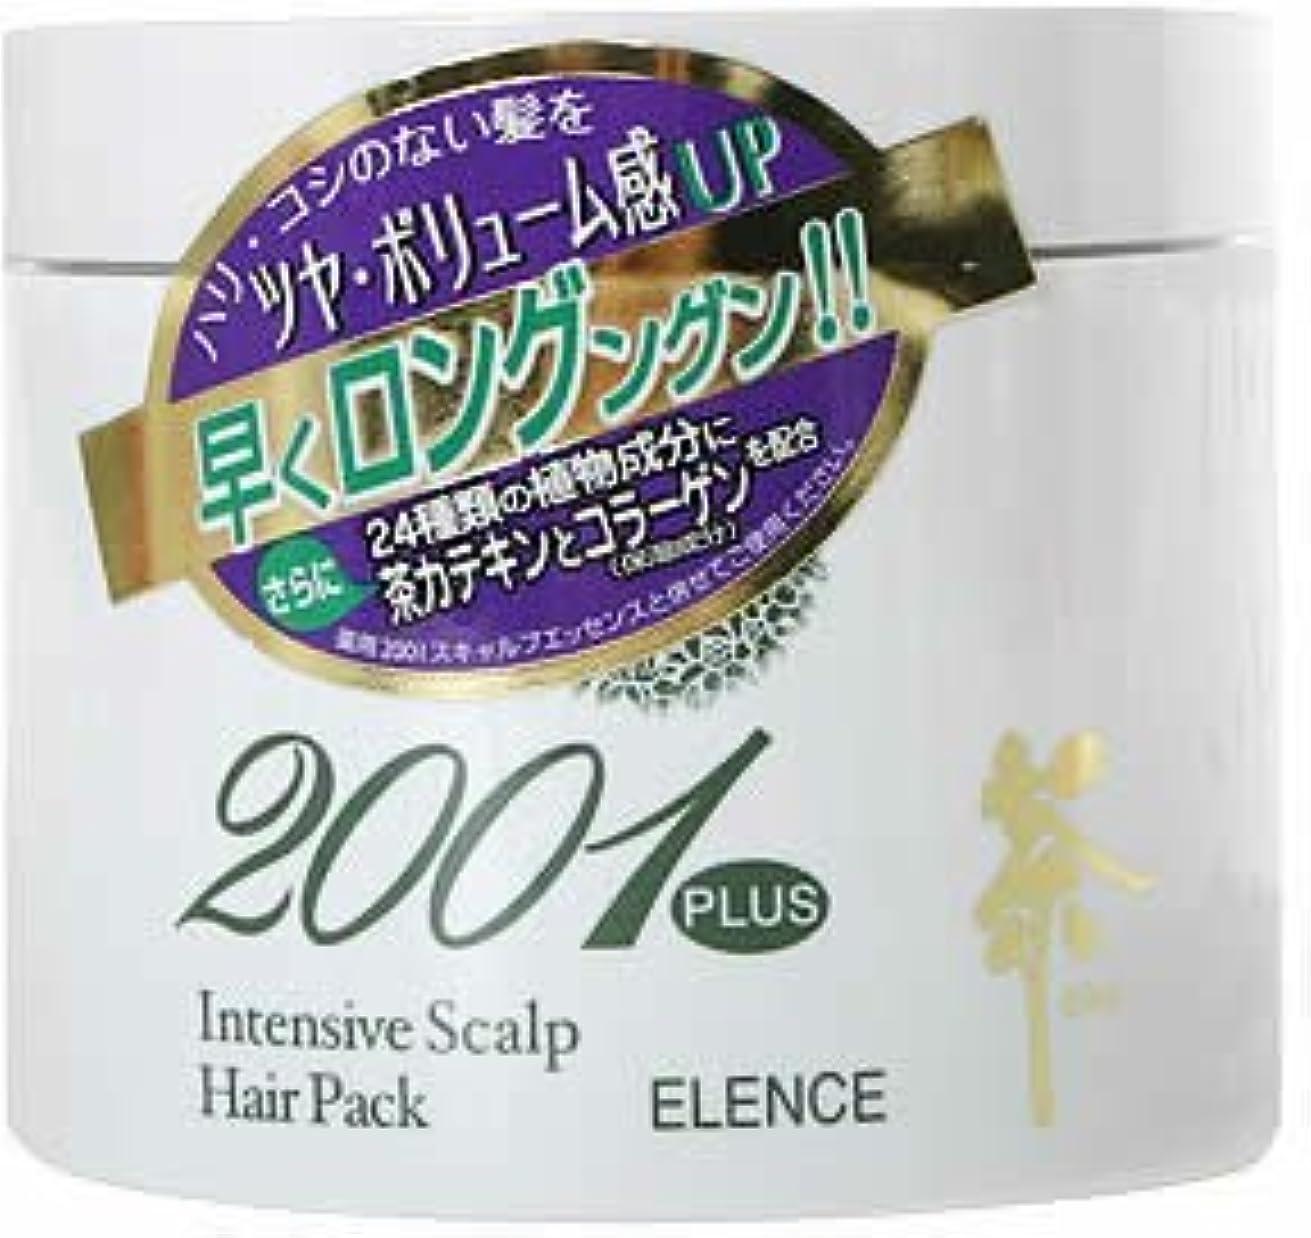 純粋に事業解明するエレンス2001プラス インテンシブスキャルプヘアパック